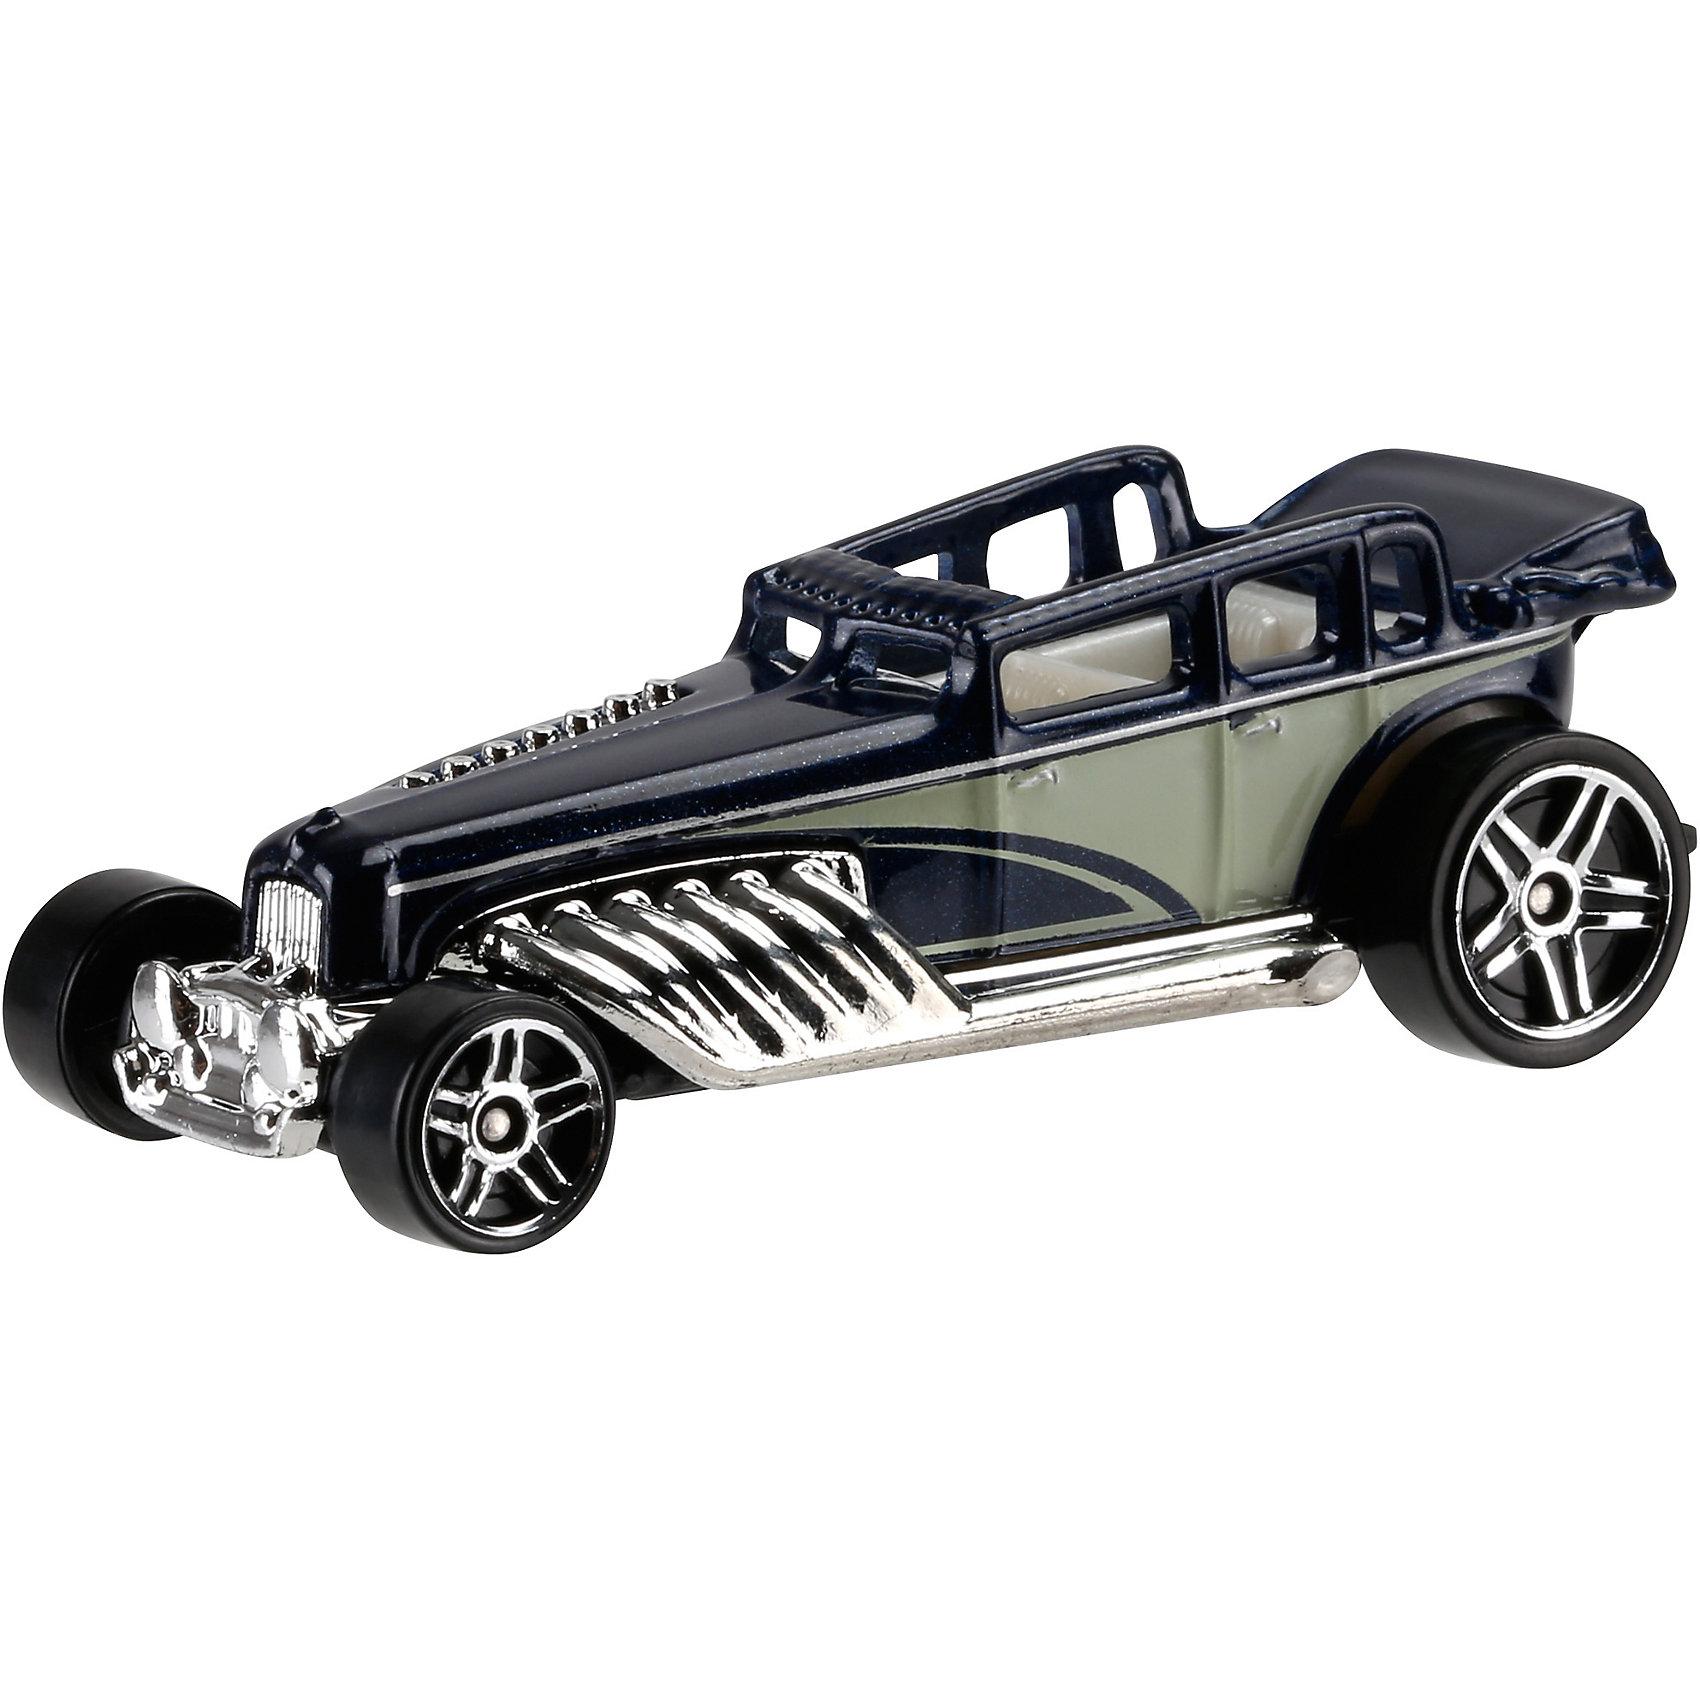 Машинка Hot Wheels из базовой коллекцииМашинки Hot Wheels из базовой коллекции – высококачественные масштабные модели машин, имеющие неординарный, радикальный дизайн.   В упаковке 1 машинка,  машинки тематически обусловлены от фантазийных, спасательных до экстремальных и просто скоростных машин.   Соберите свою коллекцию машинок Hot Wheels!  Дополнительная информация:  Все машинки стандартного размера Hot Wheels Размер упаковки: 11 х 10,5 х 3,5 см<br><br>Ширина мм: 110<br>Глубина мм: 45<br>Высота мм: 110<br>Вес г: 30<br>Возраст от месяцев: 36<br>Возраст до месяцев: 96<br>Пол: Мужской<br>Возраст: Детский<br>SKU: 4744593